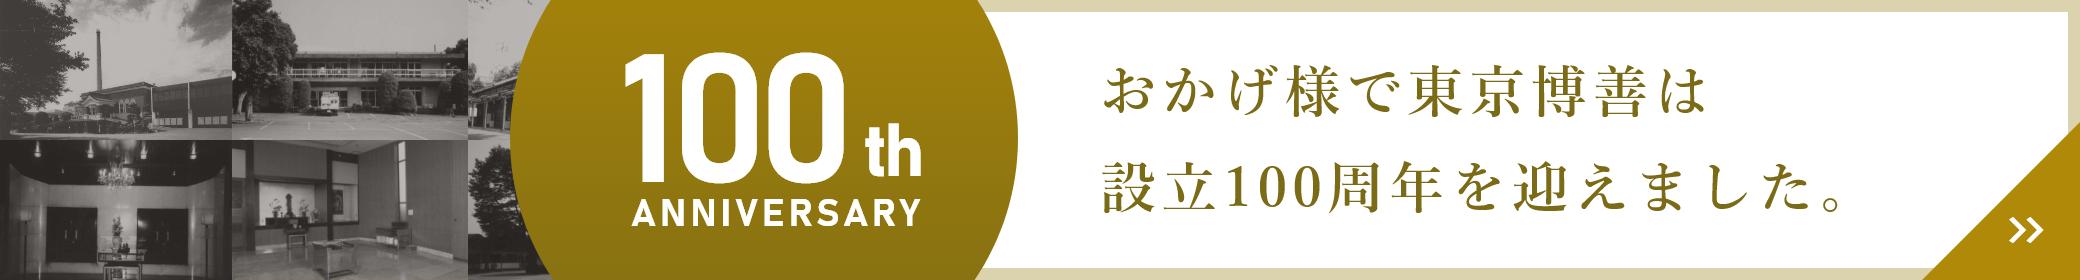 おかげ様で東京博善は創業100周年を迎えました。